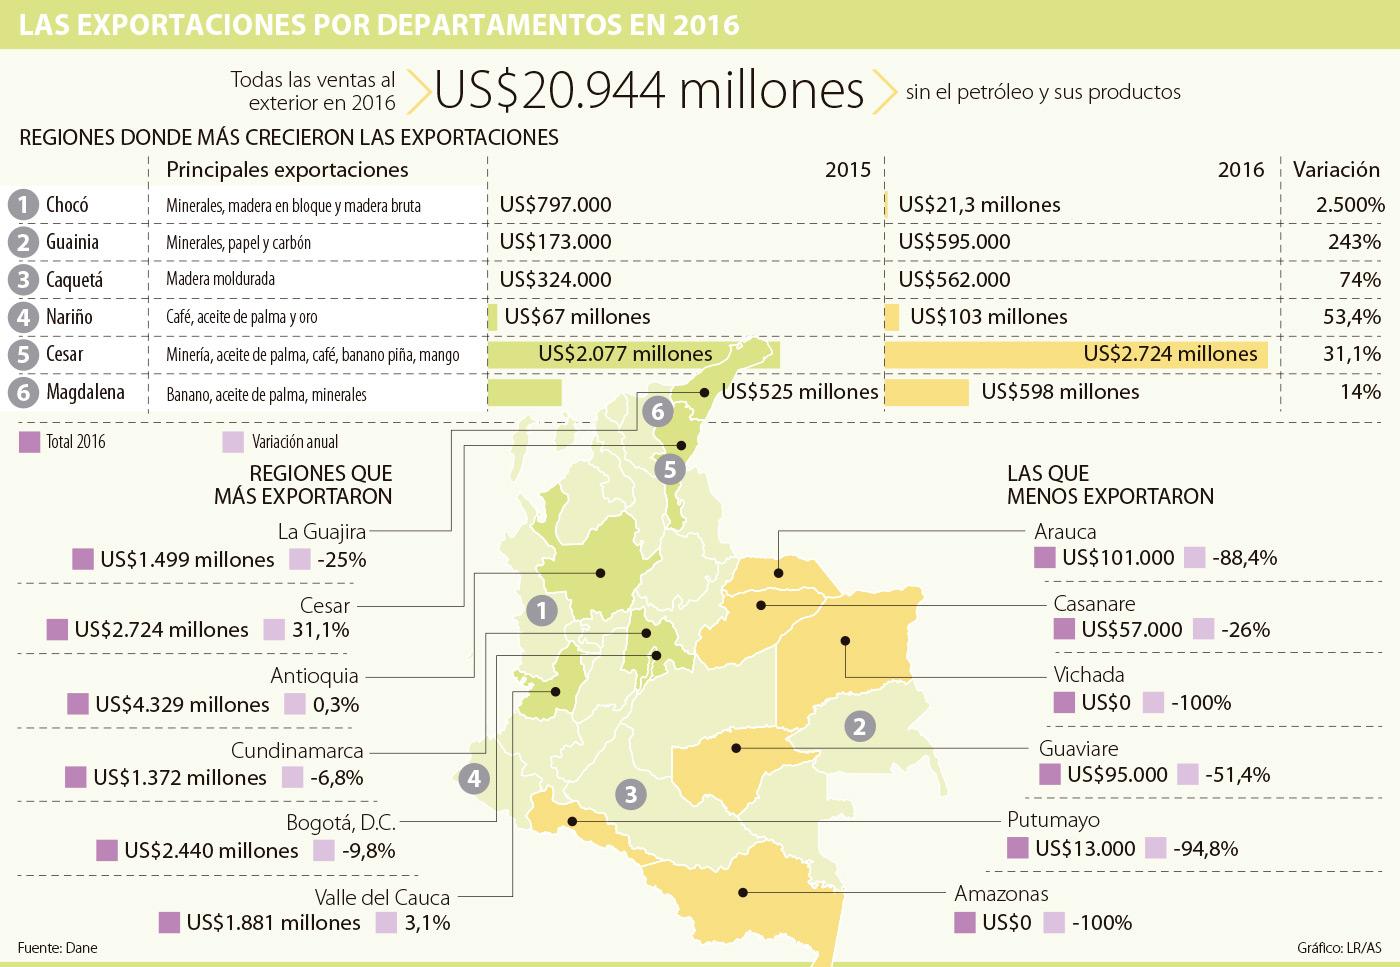 Putumayo redujo exportaciones en 94.8%